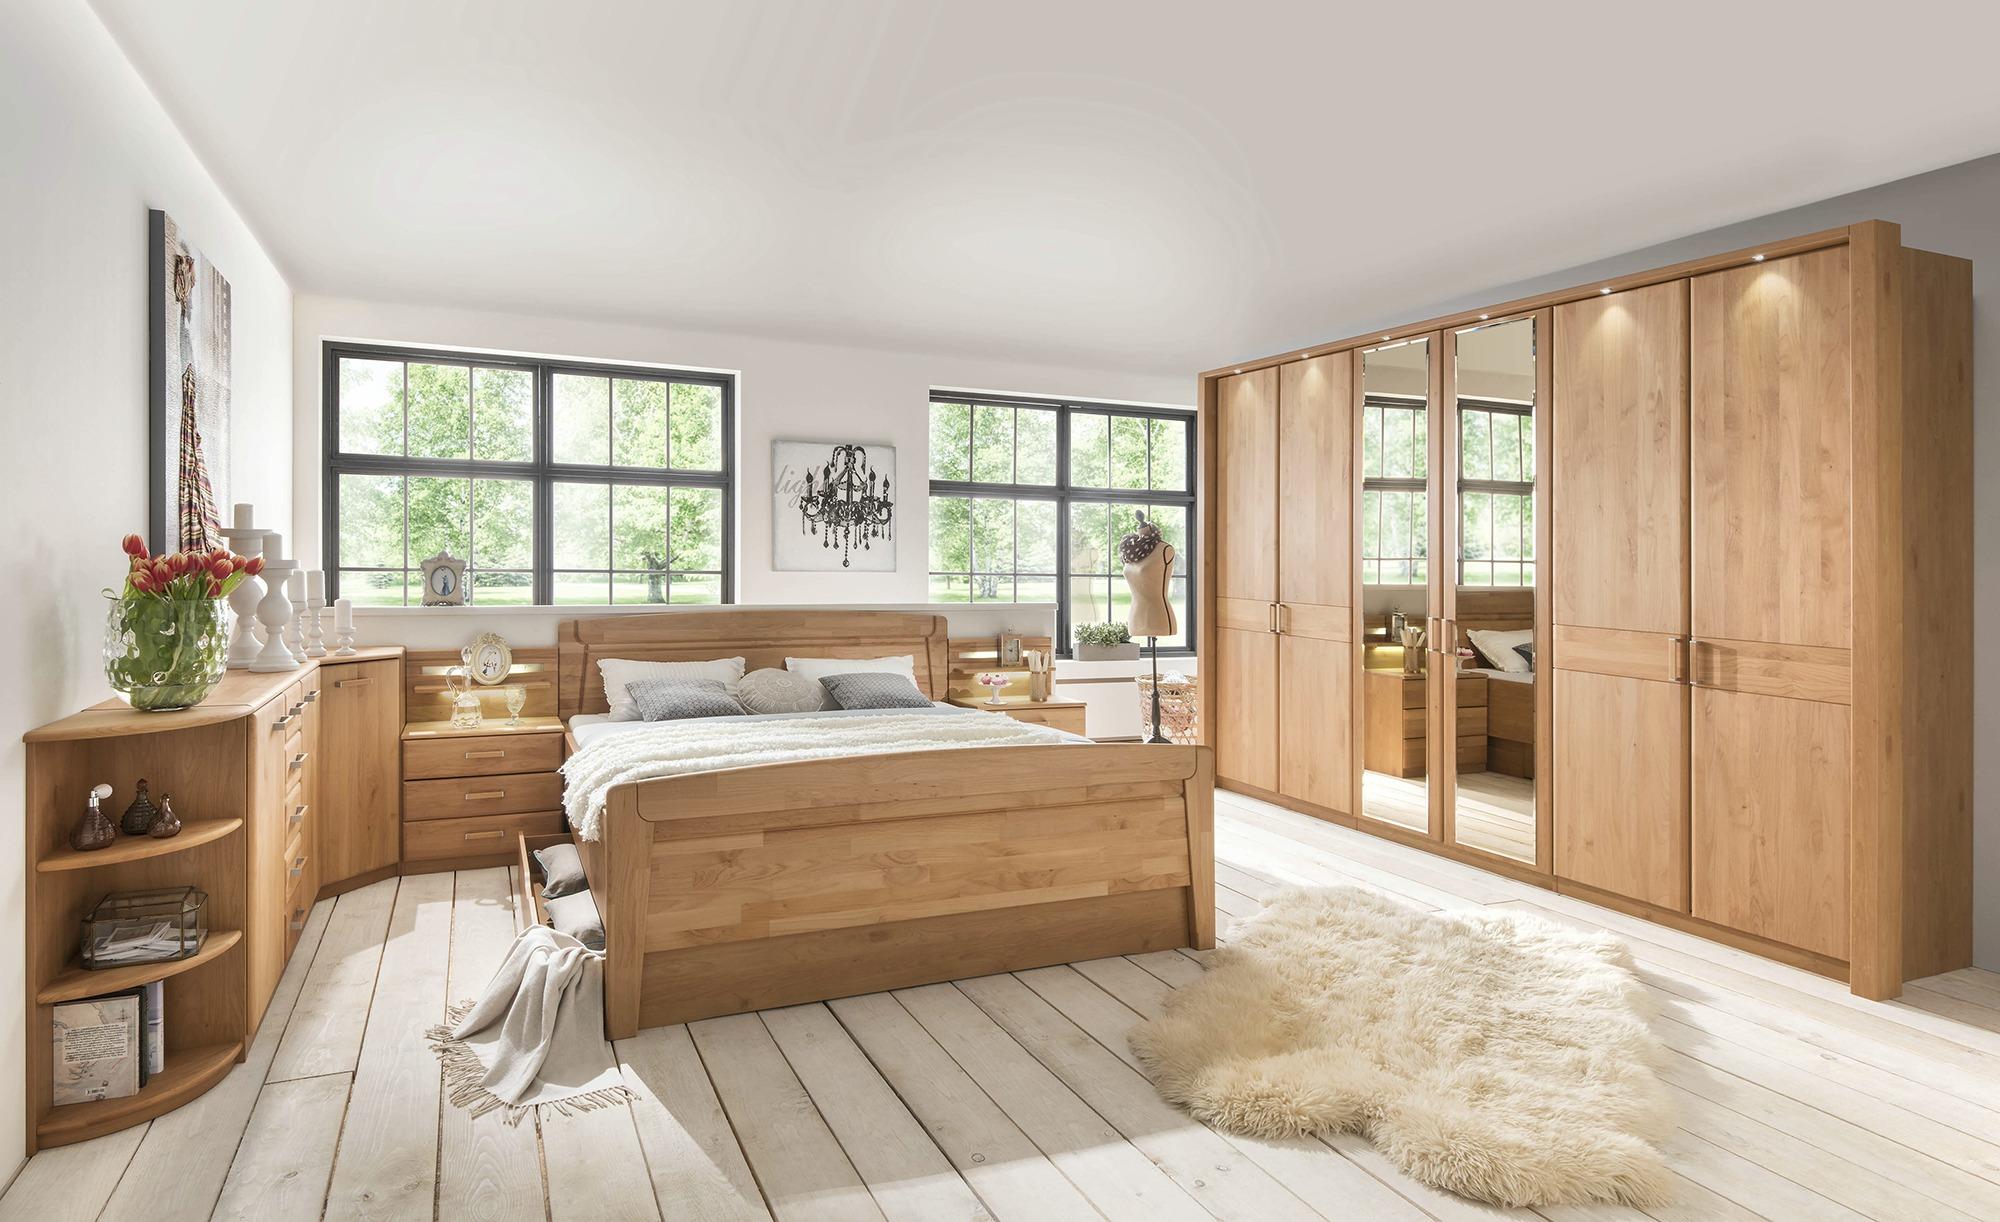 Woodford Schlafzimmer Morgana, gefunden bei Möbel Kraft